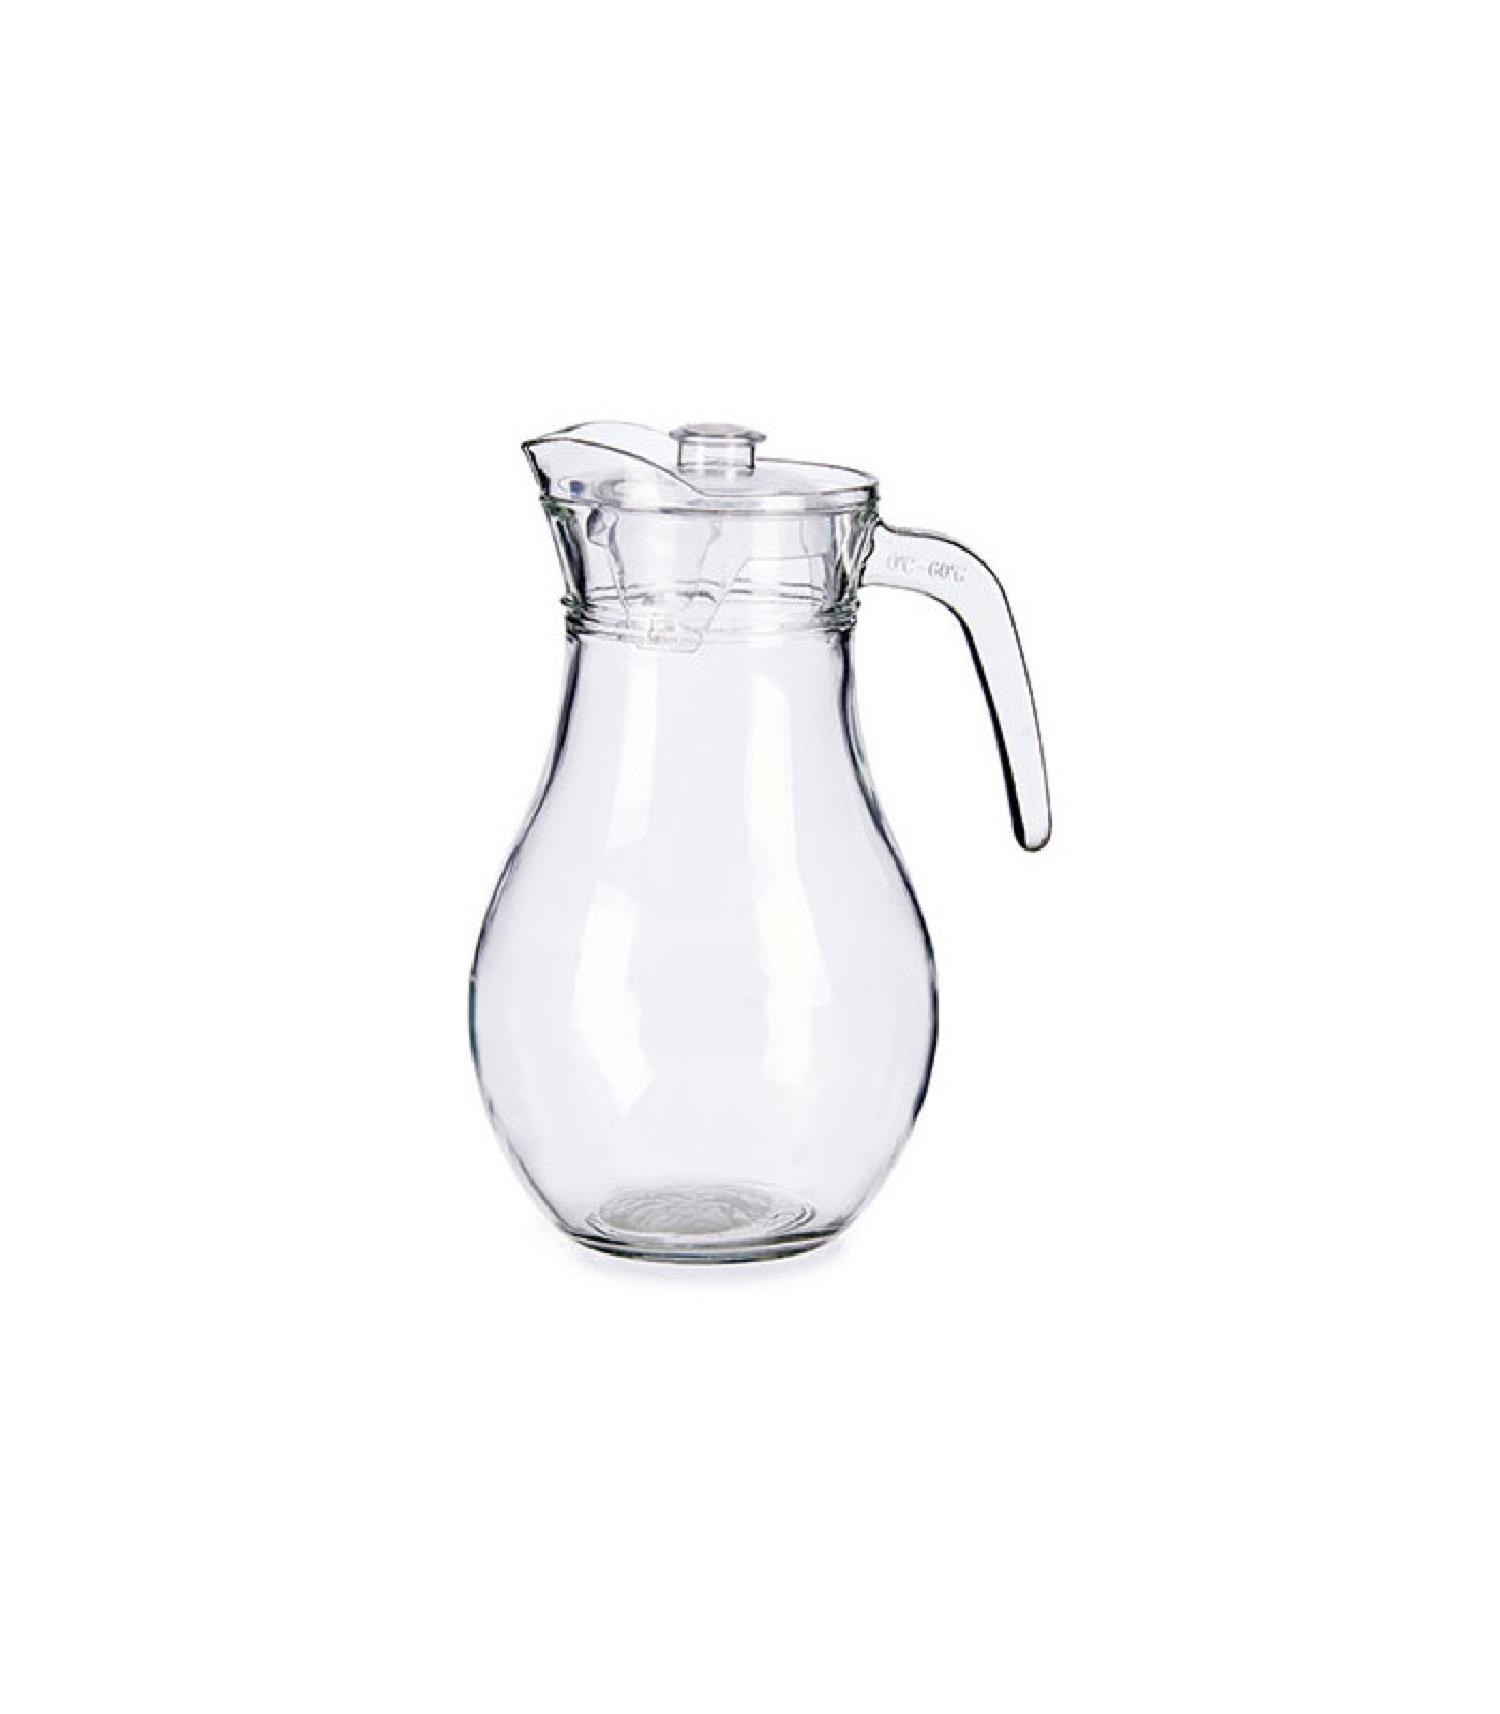 Carafe à jus de fruits en verre et bouchon plastique 1,8L